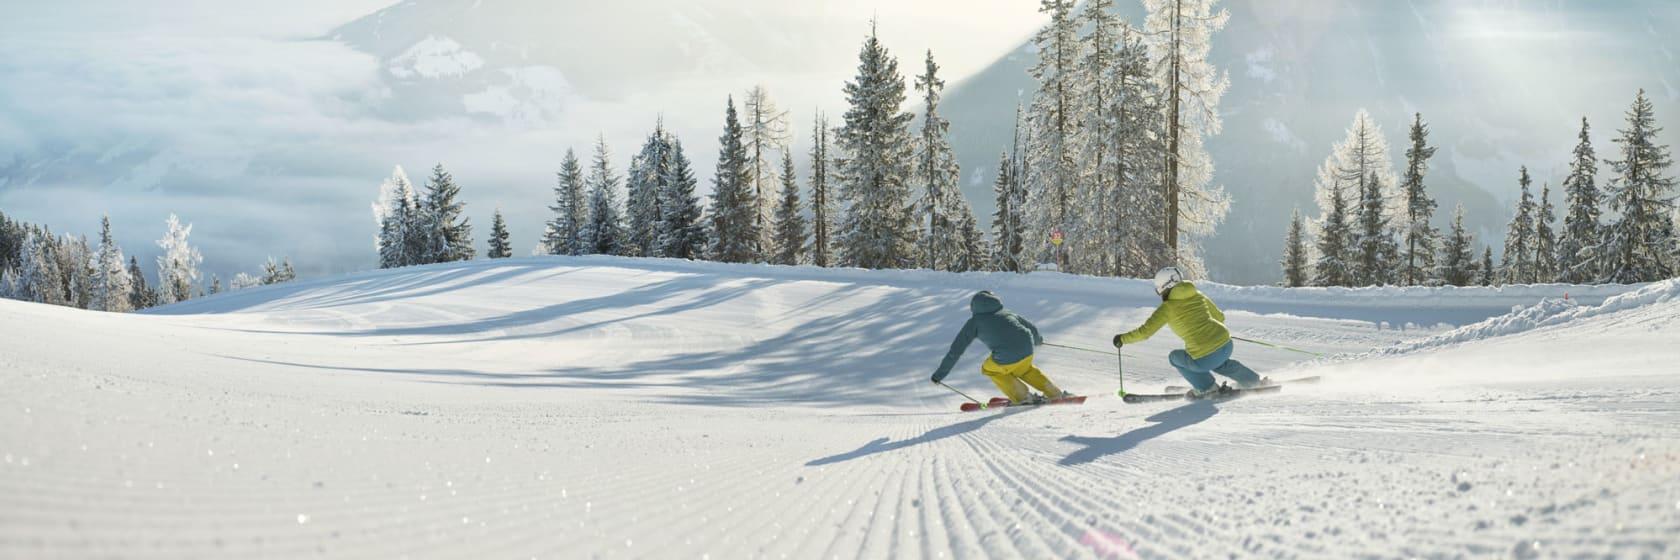 Skiløbere på piste med snebeklædte træer og bjerge i Schladming